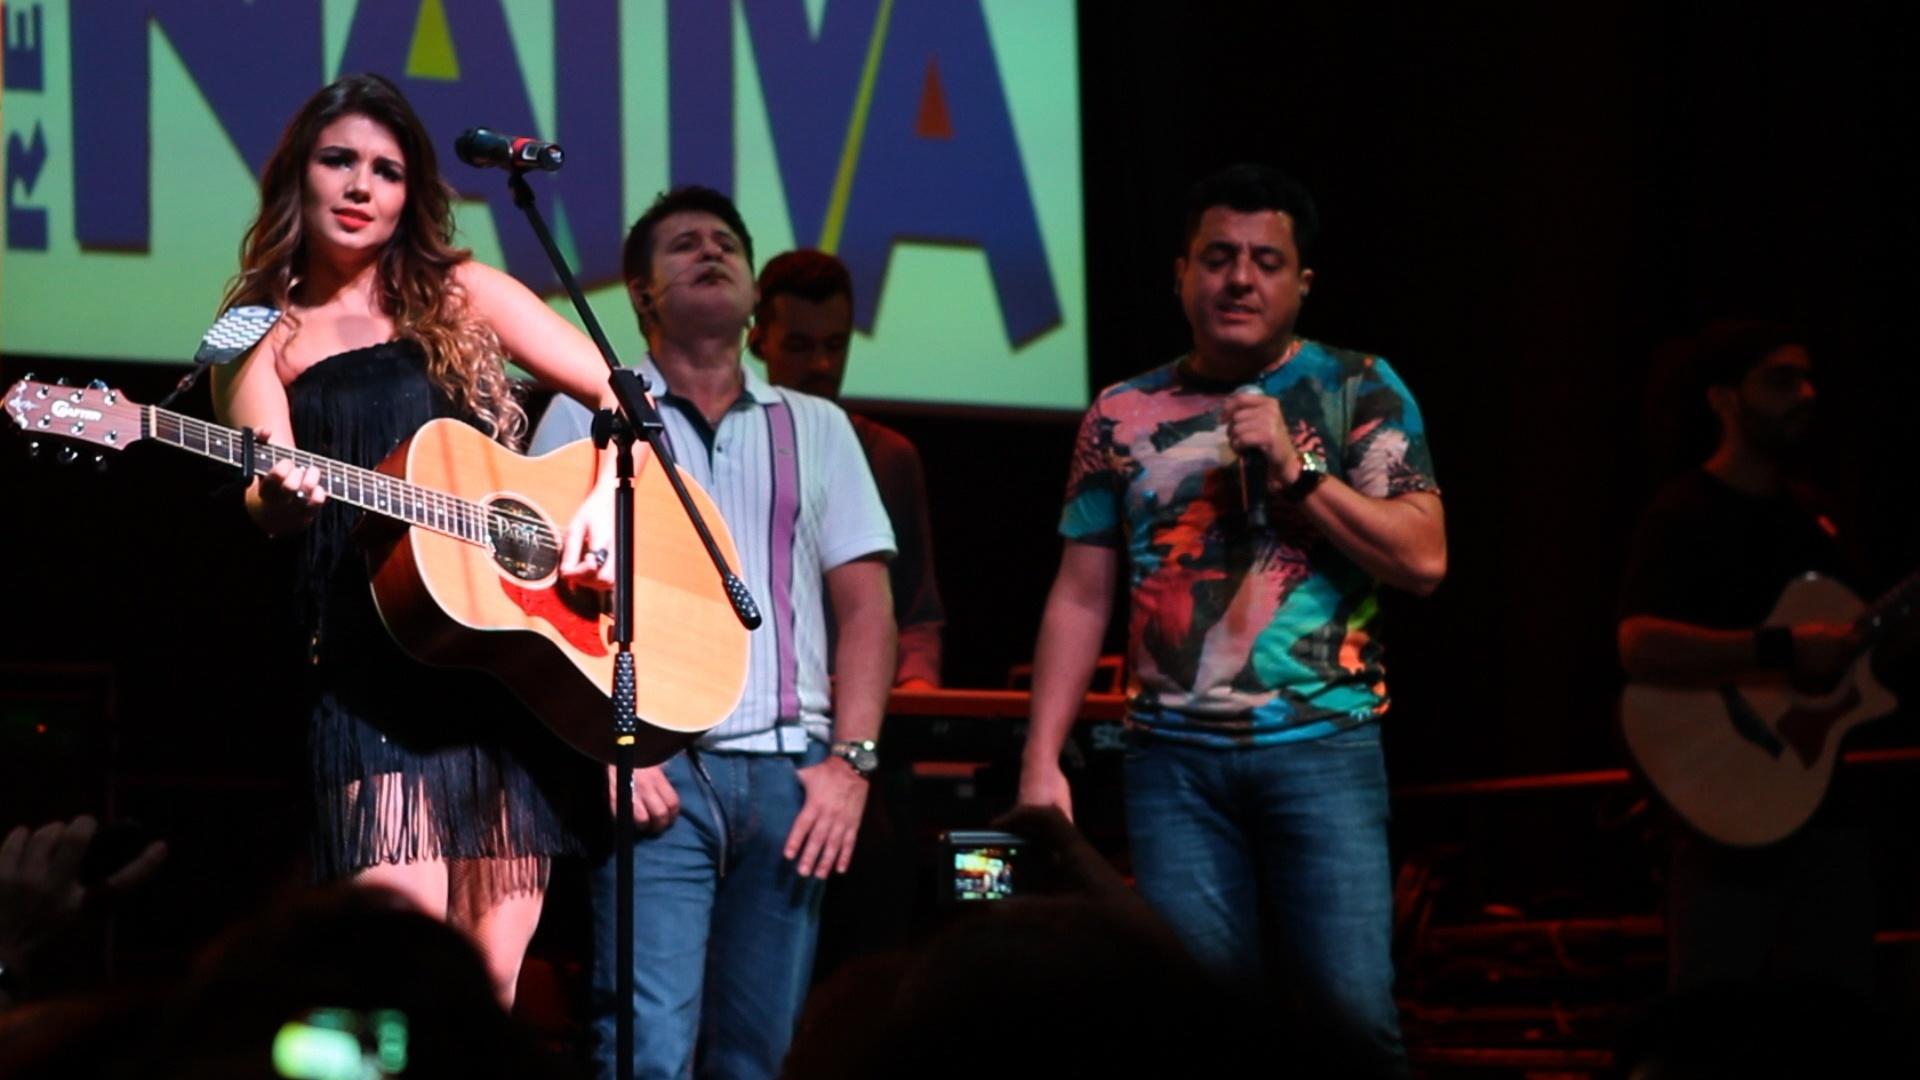 Paula Fernandes e Bruno & Marrone cantam juntos na Nativa FM